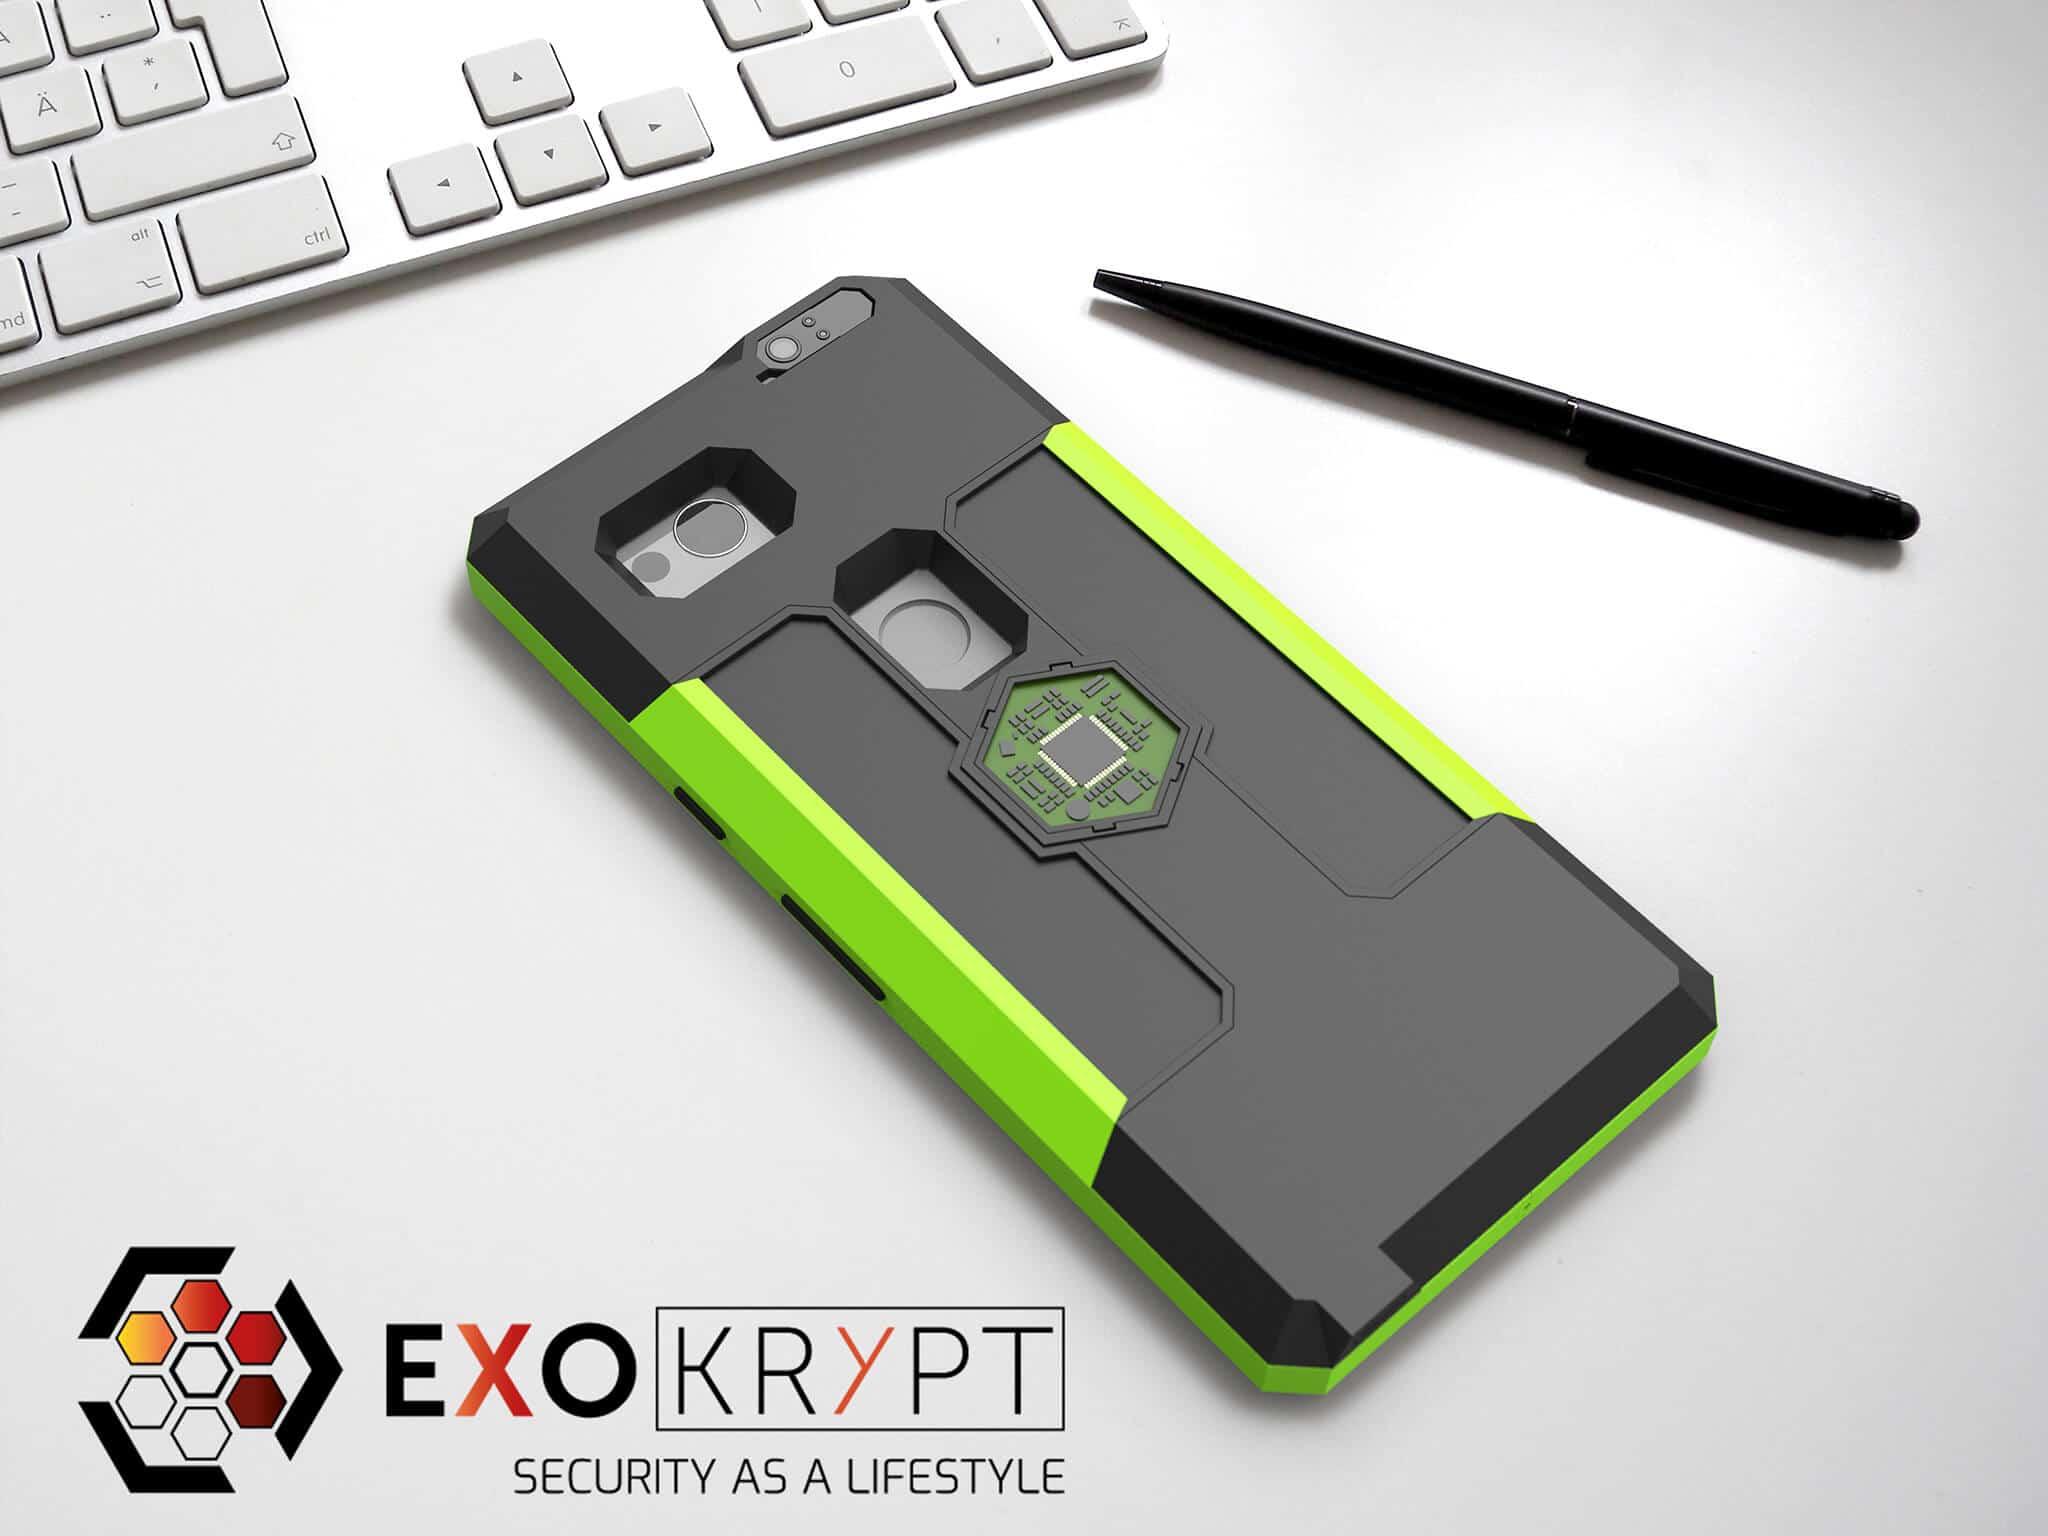 ExoShield BUSINESS Smartphone Case - Brushed Toxic Green Metal Frame - Dark Black Inlets auf einem Tisch auf einem Papierblatt liegend mit Kugelschreiber daneben, Mac Tastatur darüber